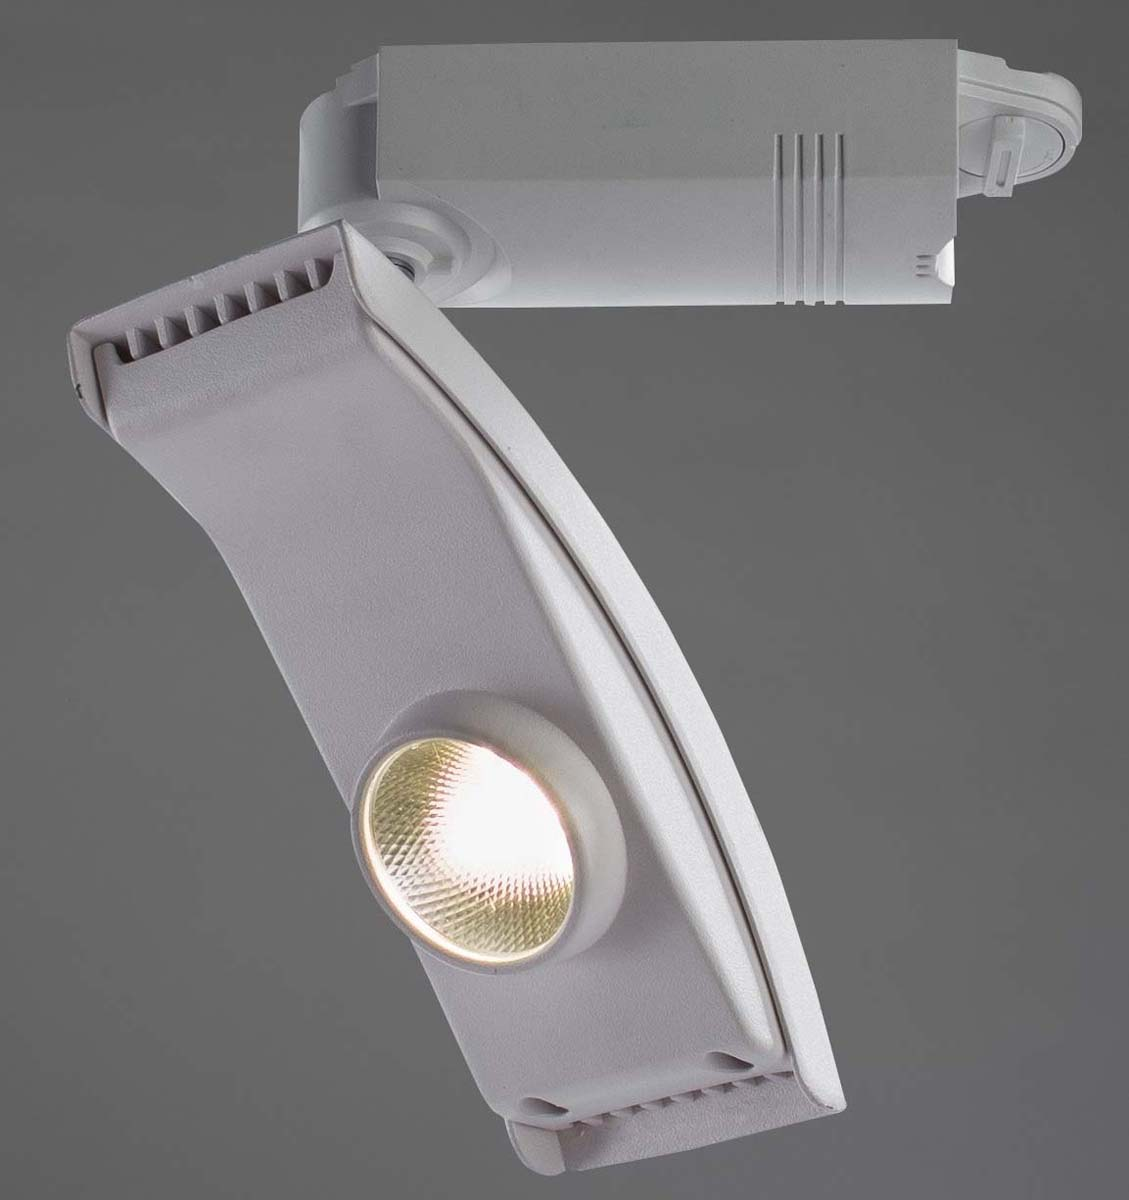 Светильник потолочный Arte Lamp Astuzia, цвет: белый, 1 х LED, 20 W. A2120PL-1WH пылесос iclebo arte silver ycr m05 20